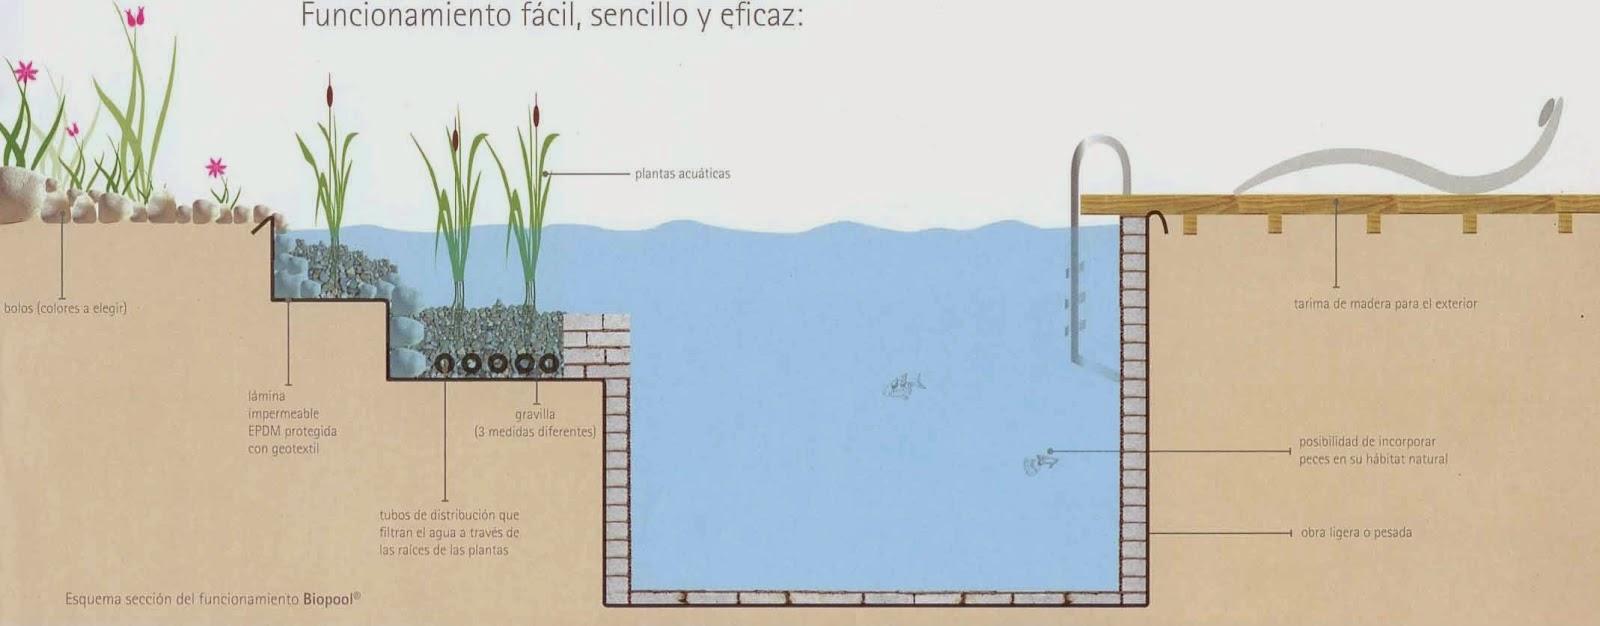 Te invito a leer piscinas naturales for Construir piscina natural ecologica